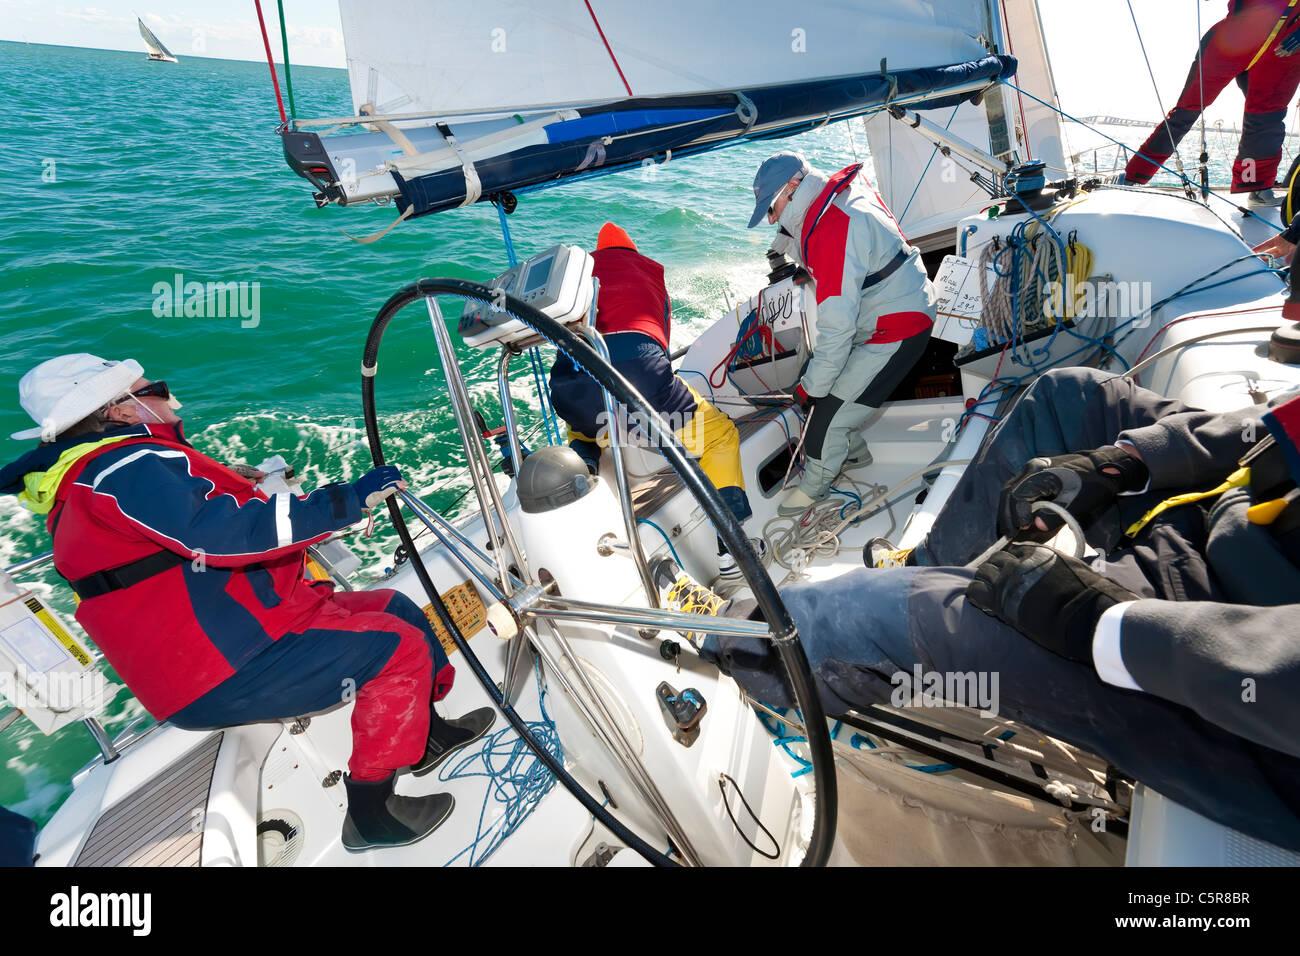 Eine Offshore-Yacht racing Crew beschäftigt Segeln auf dem Meer. Stockbild